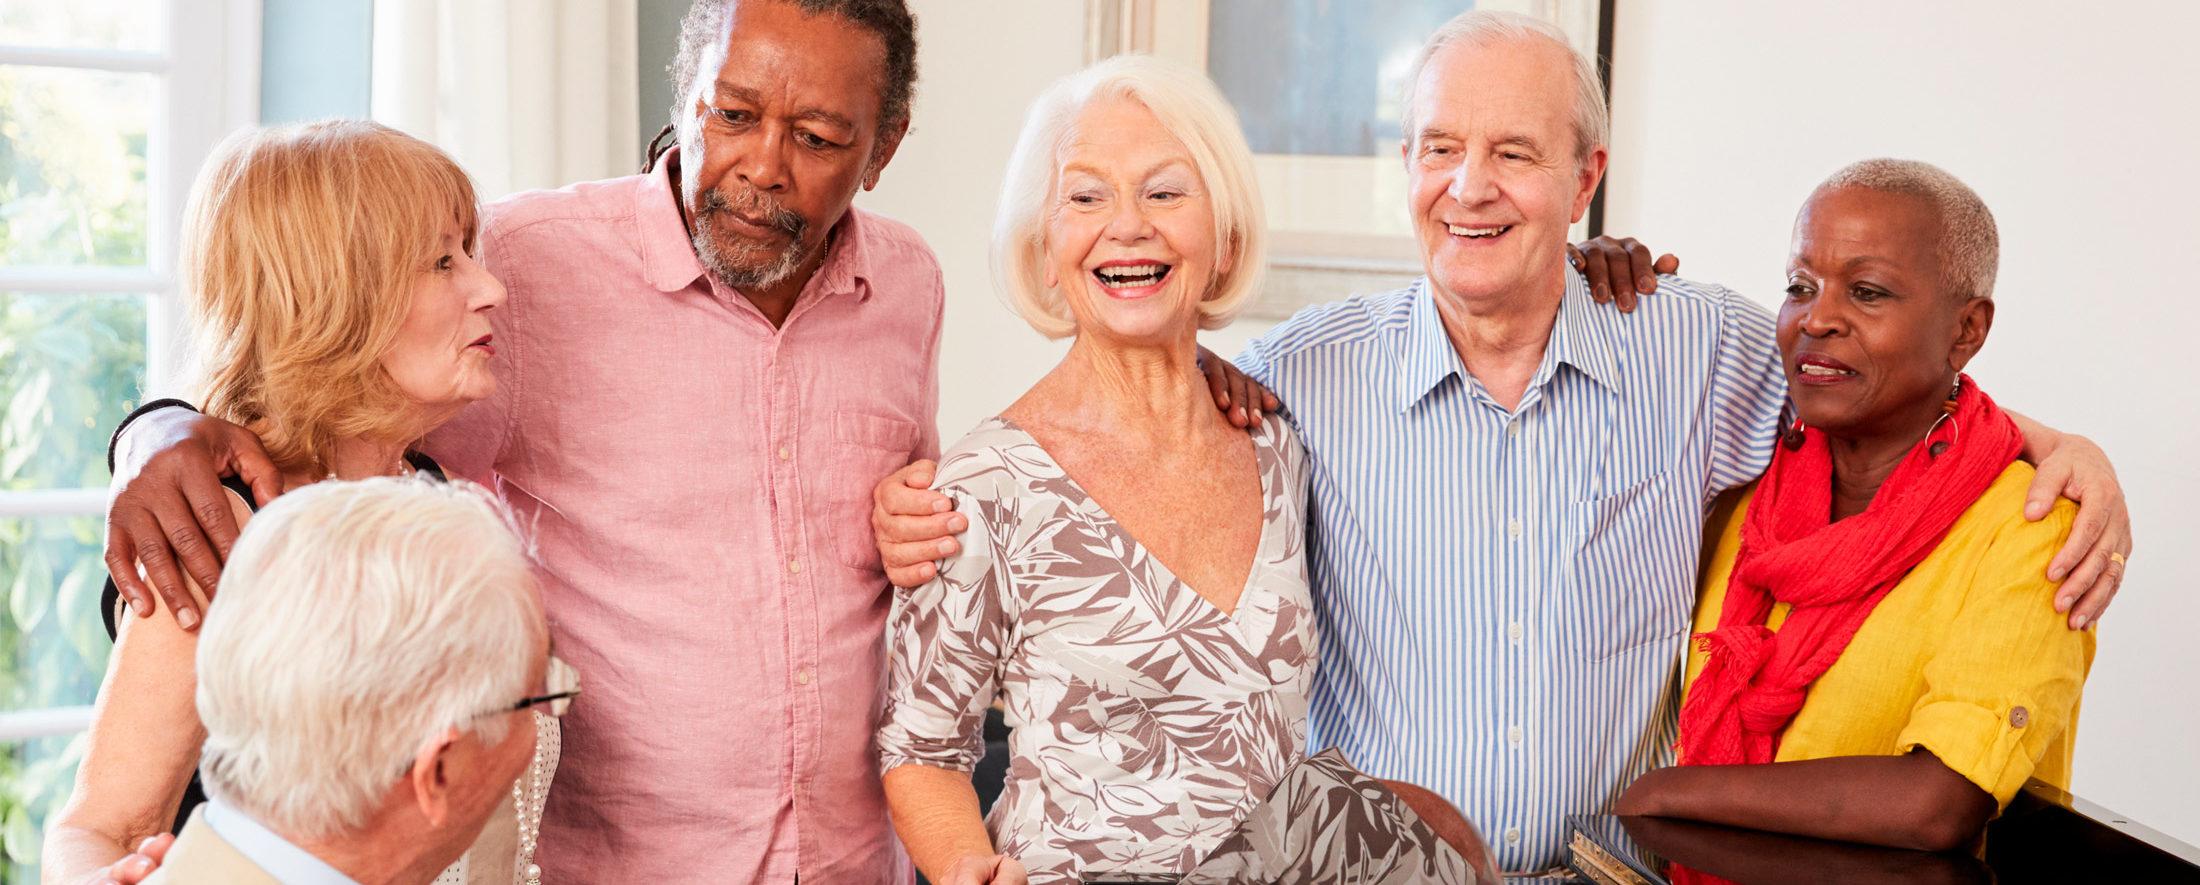 Ateliers pour stimuler la mémoire des seniors - image